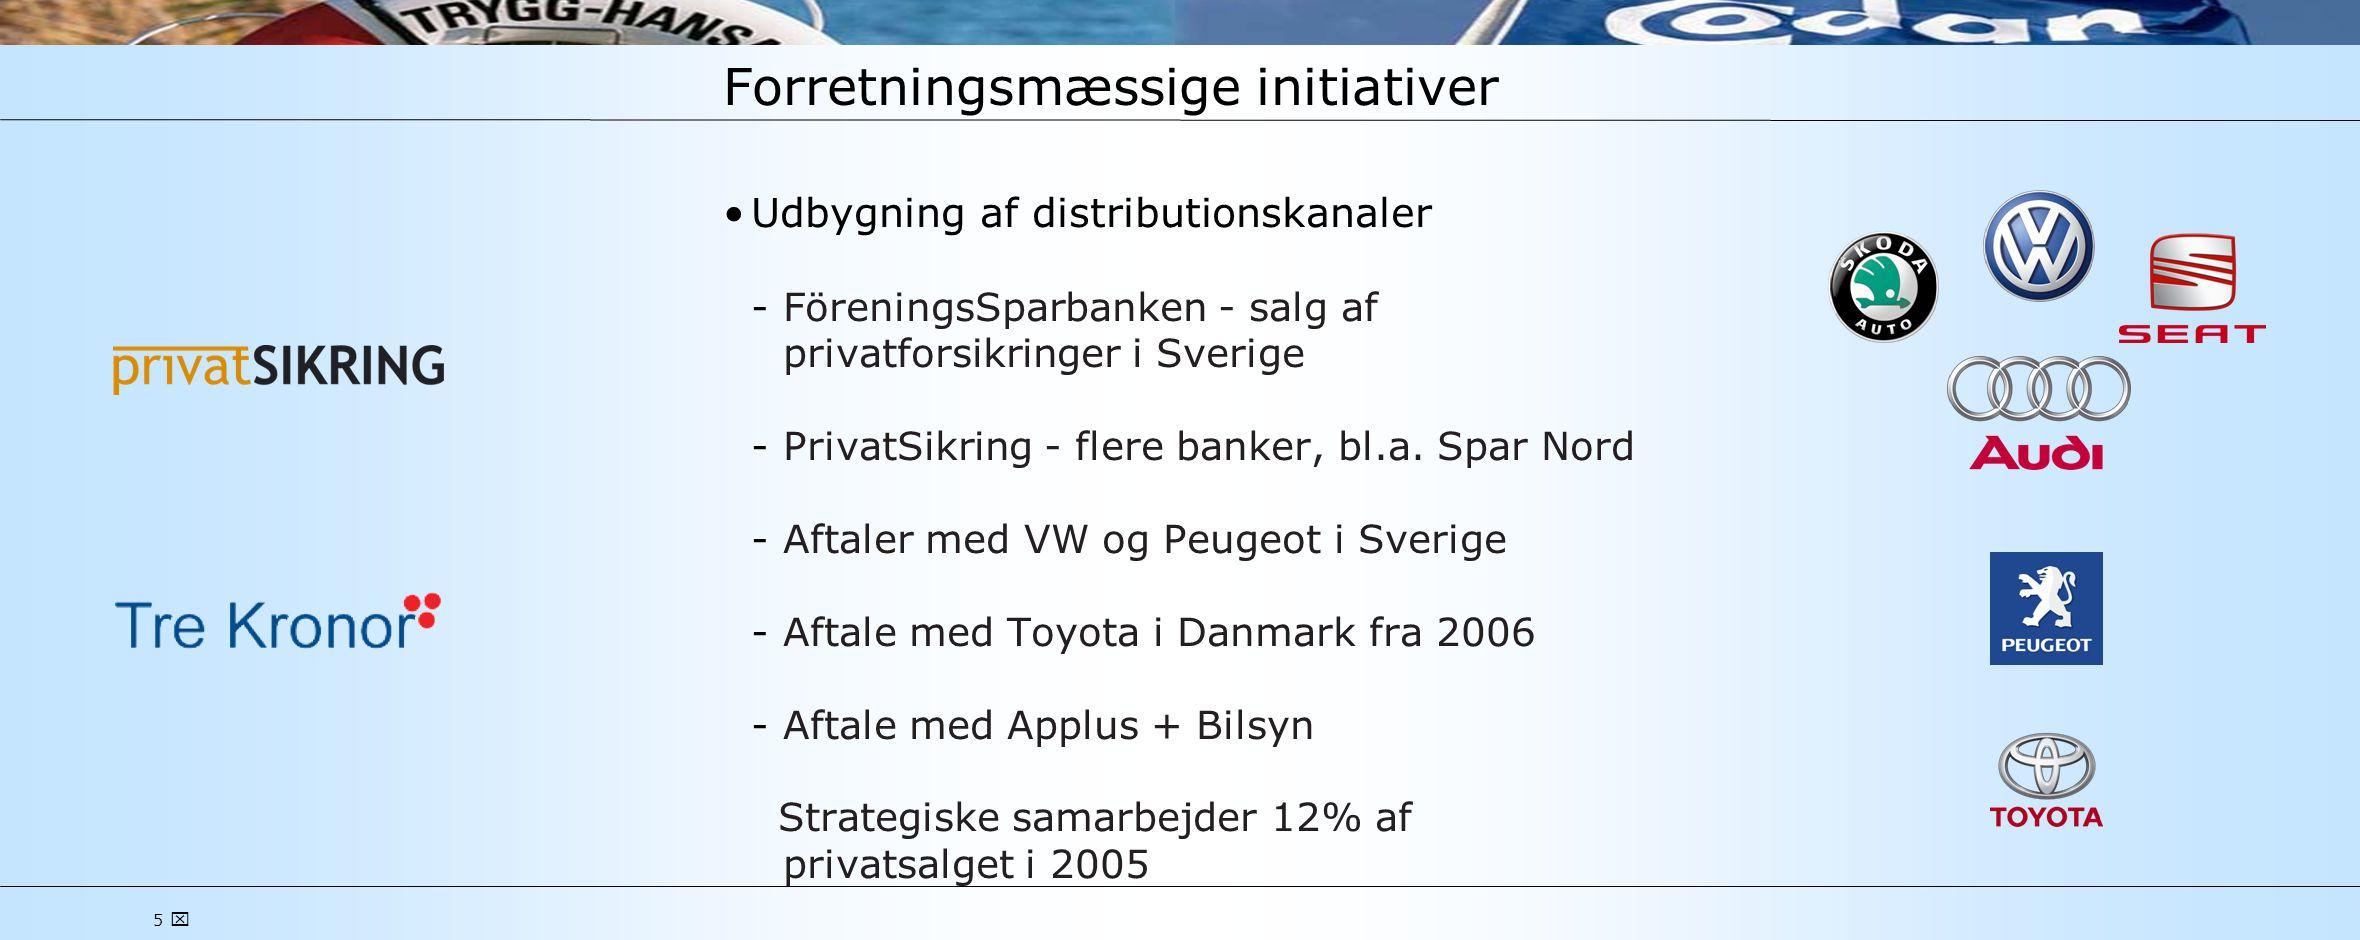 5  Forretningsmæssige initiativer •Udbygning af distributionskanaler FöreningsSparbanken - salg af privatforsikringer i Sverige PrivatSikring - flere banker, bl.a.